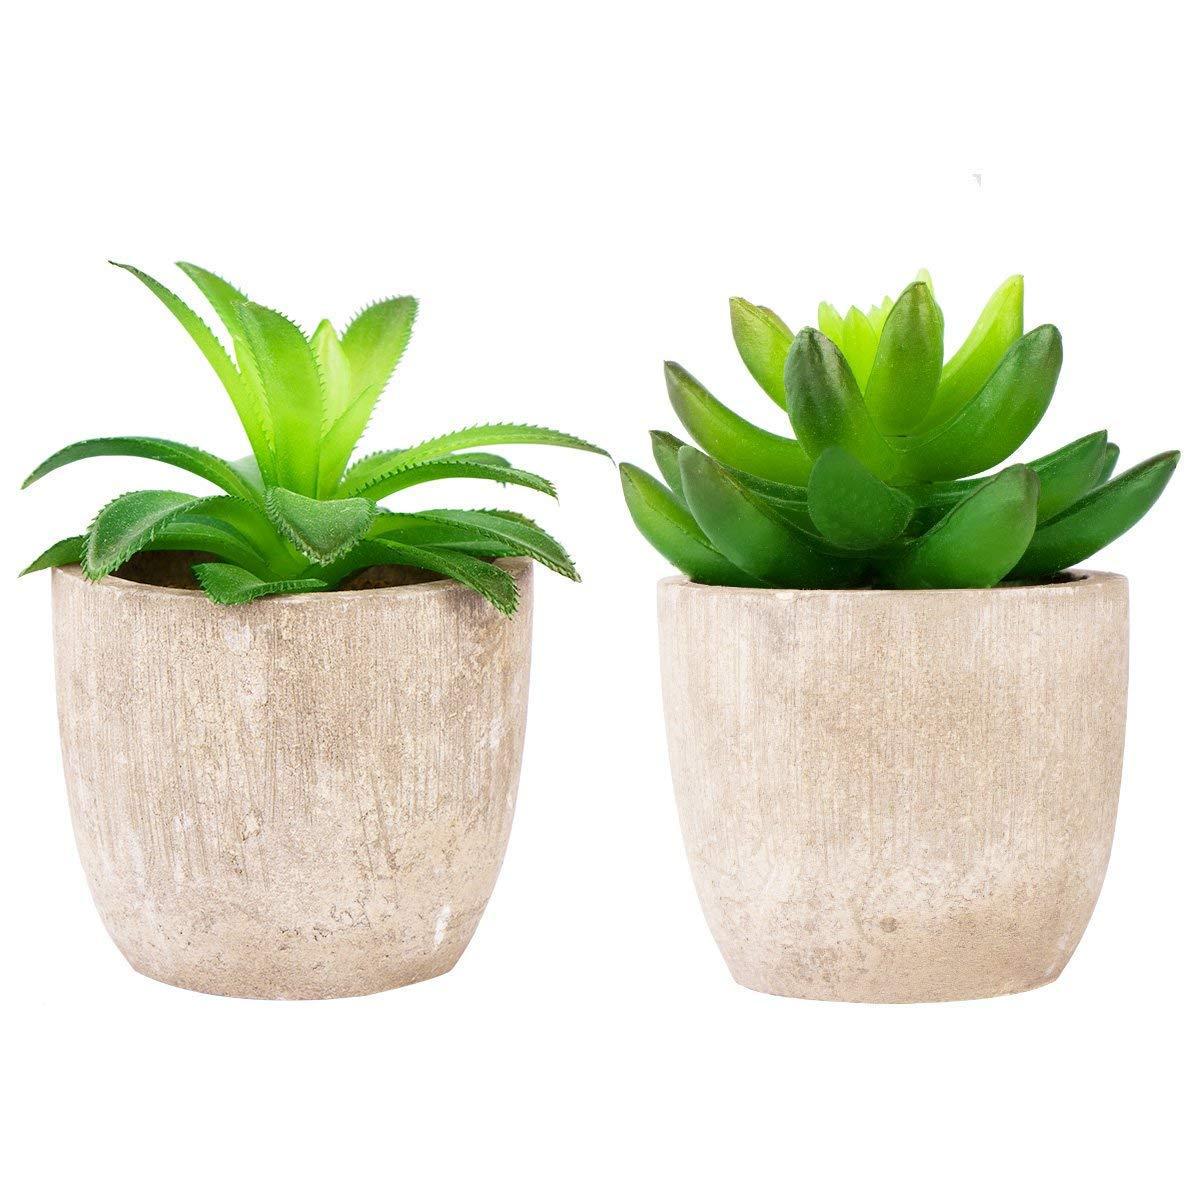 Drhob Mini Artificial Succulents Plants,Plastic Lifelike Fake Cactus Aloe Plants/Faux Succulent Plants in Pot for Wedding Home Decor (2 Set, Green)